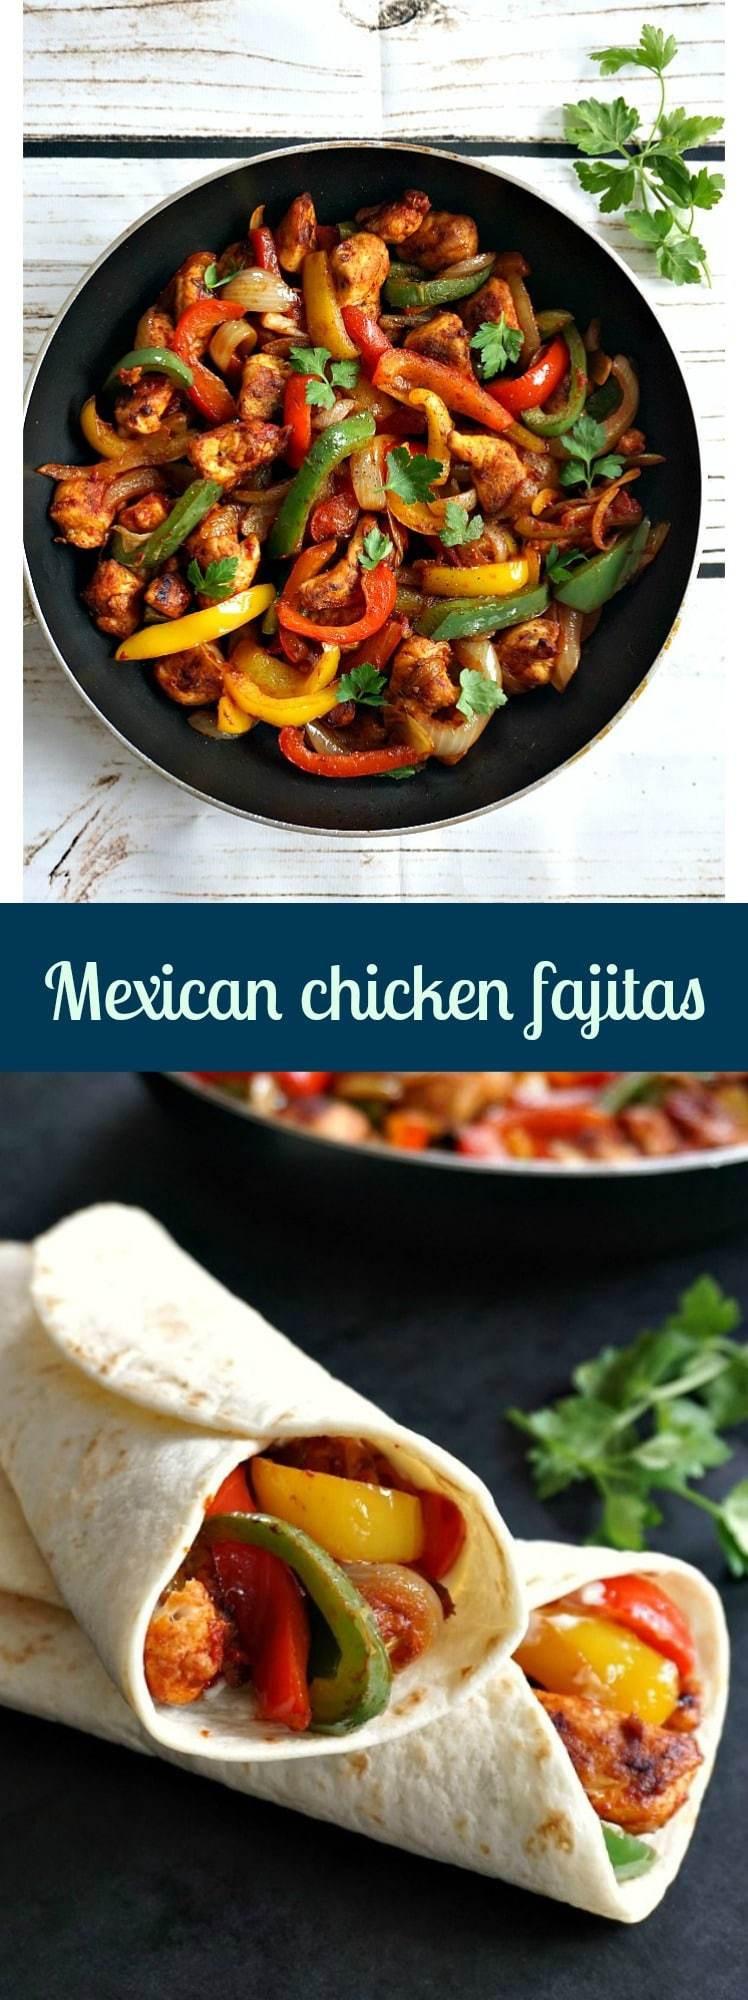 Mexican Chicken Fajita Recipes  Mexican chicken fajitas